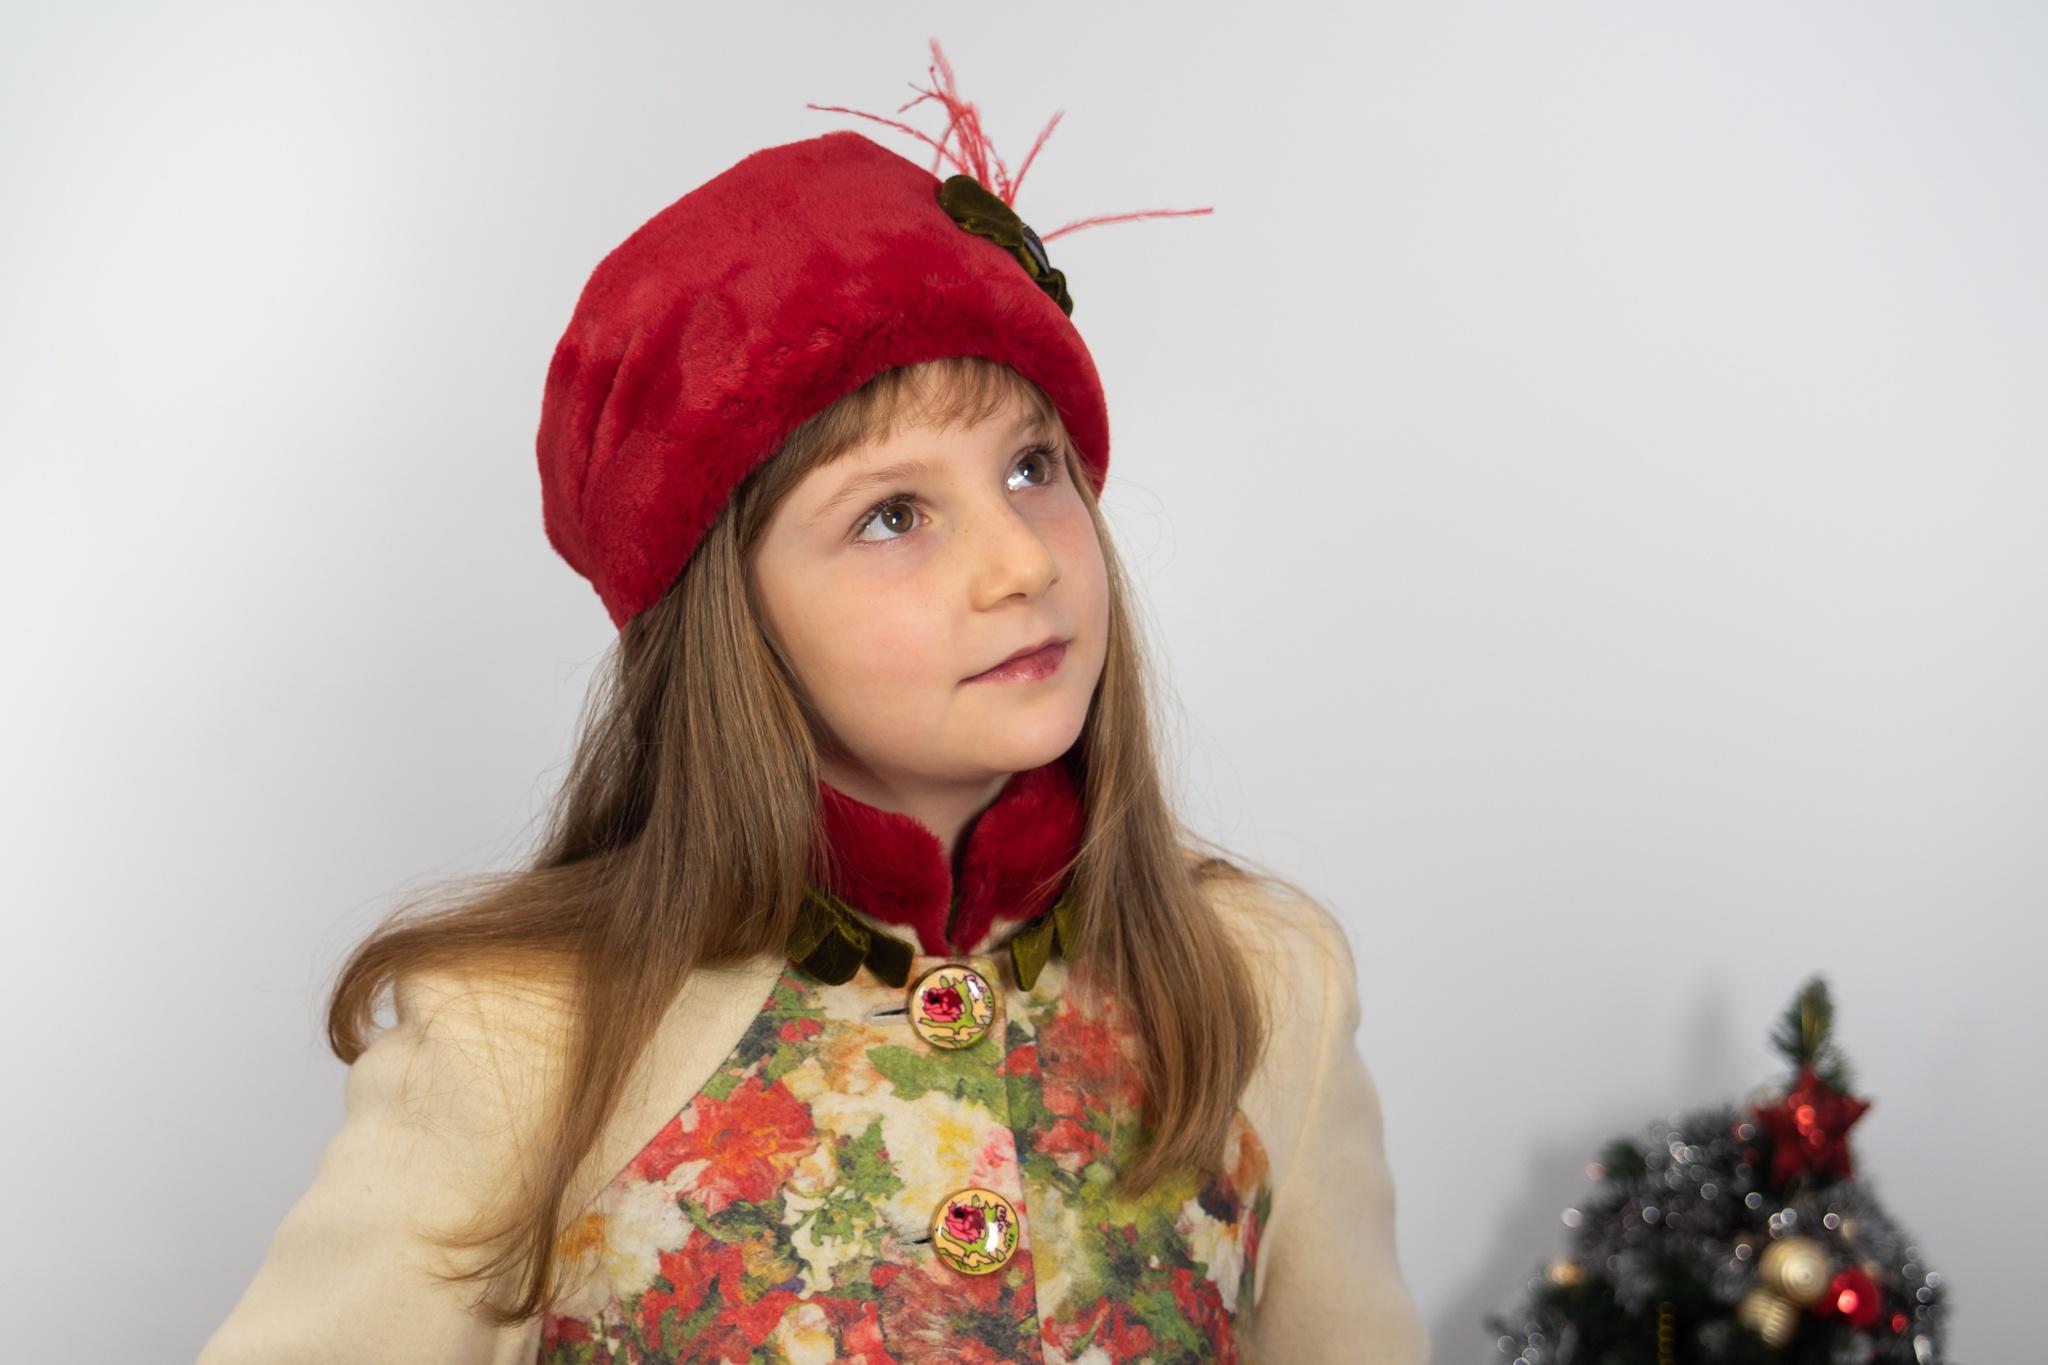 Bentiță de blană pentru fete Anna Karenina